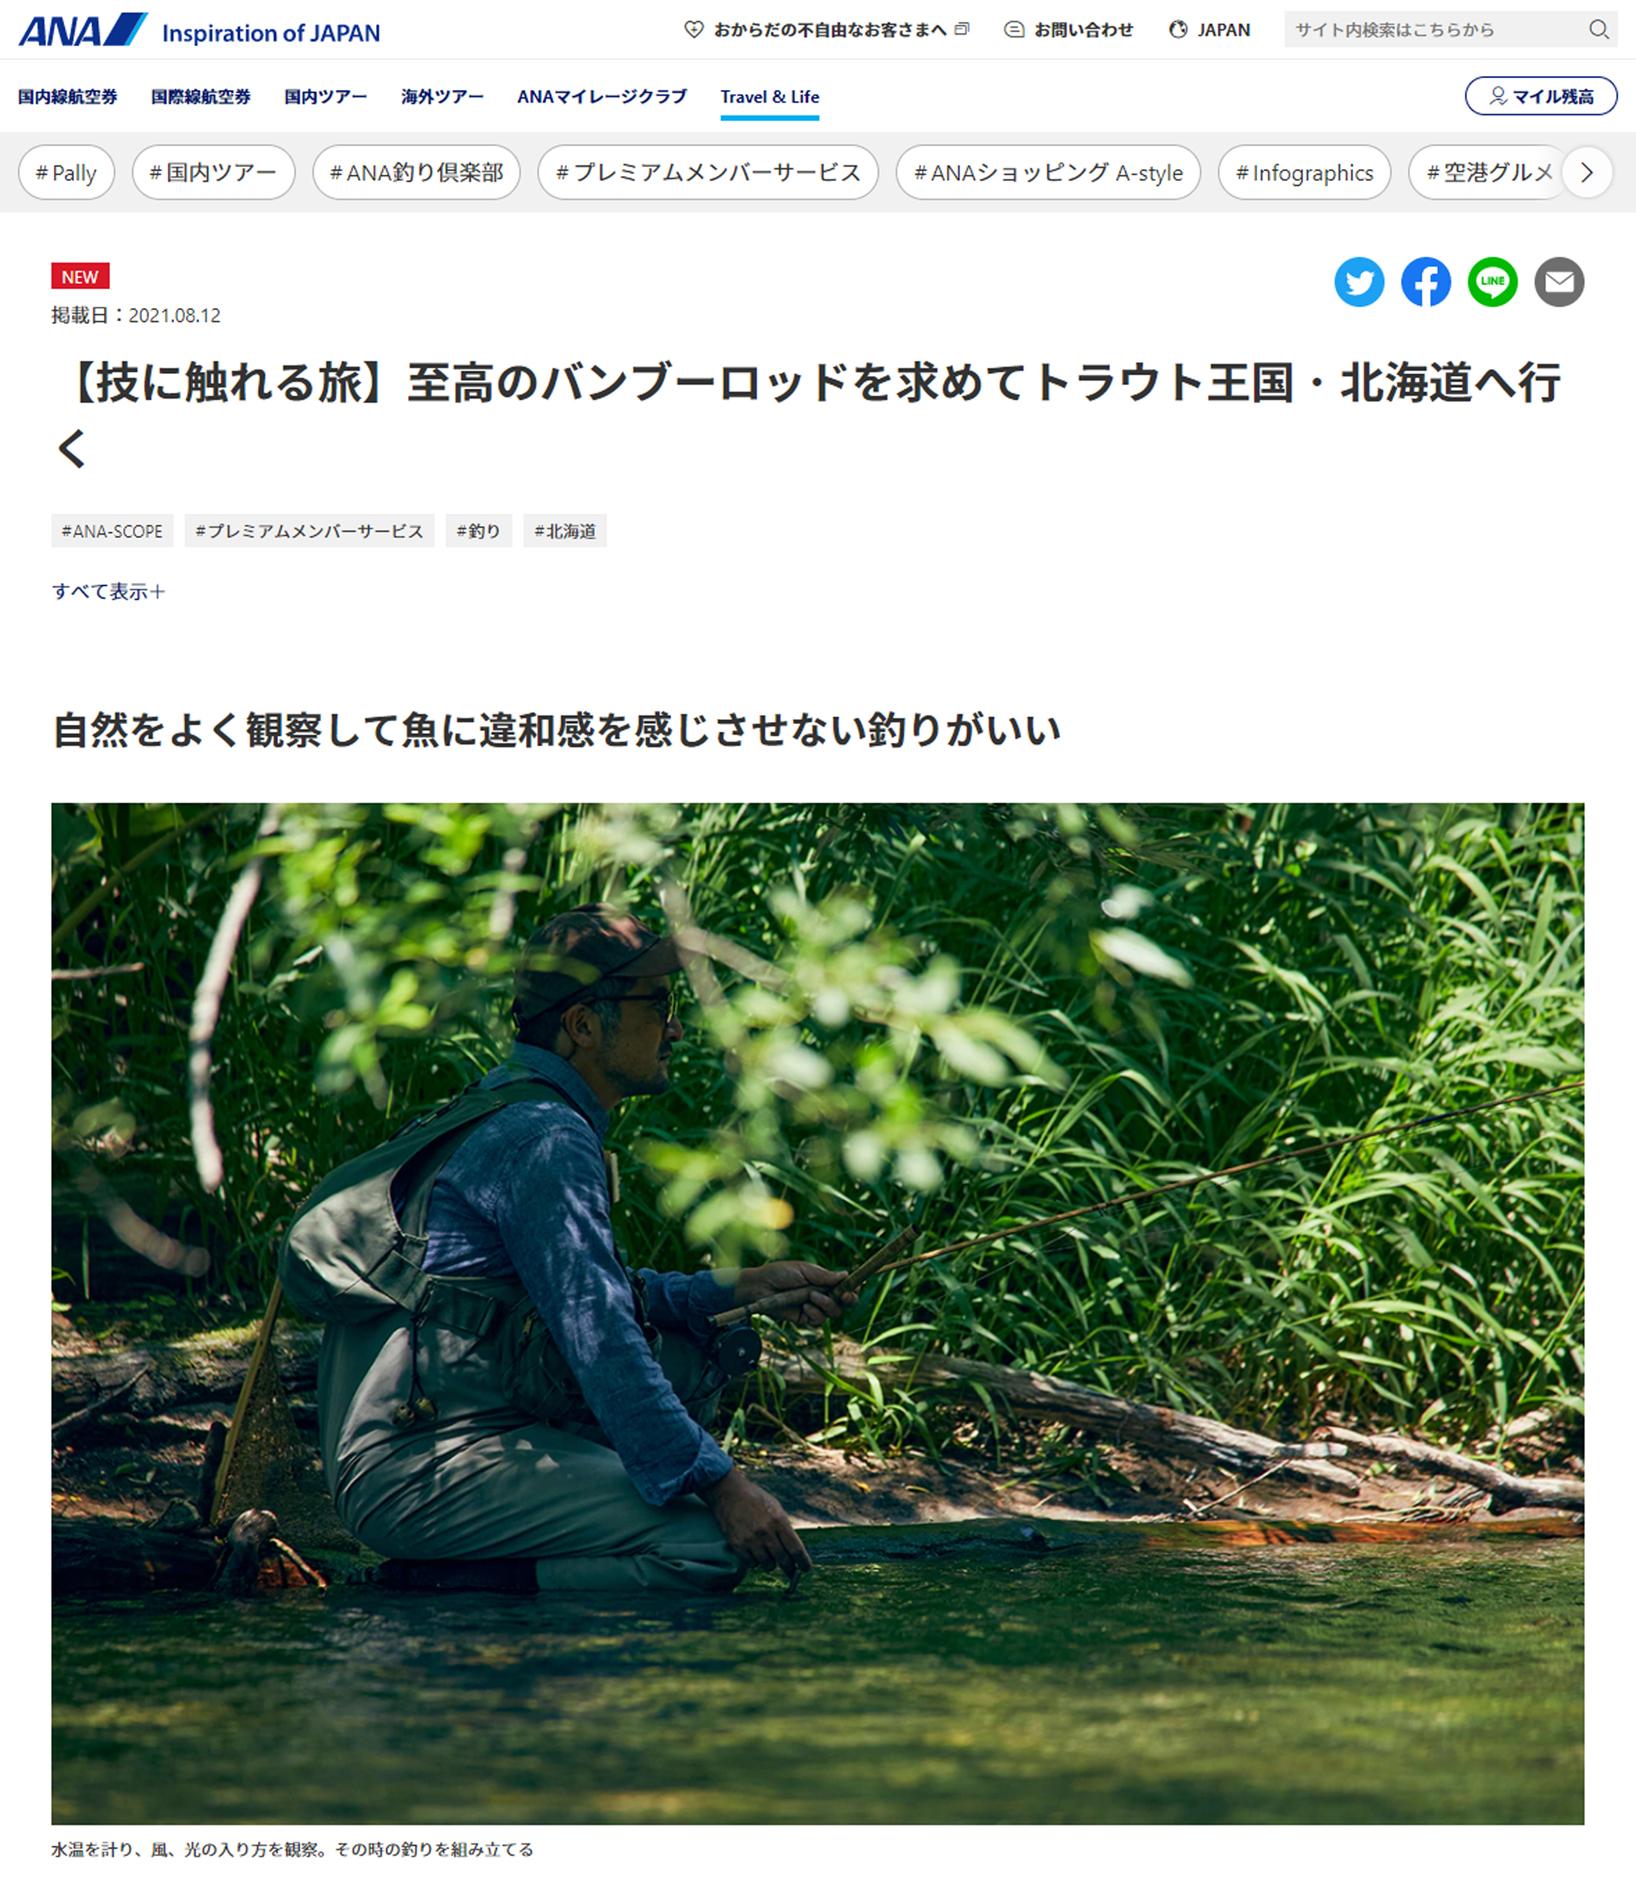 【技に触れる旅】至高のバンブーロッドを求めてトラウト王国・北海道へ行く11